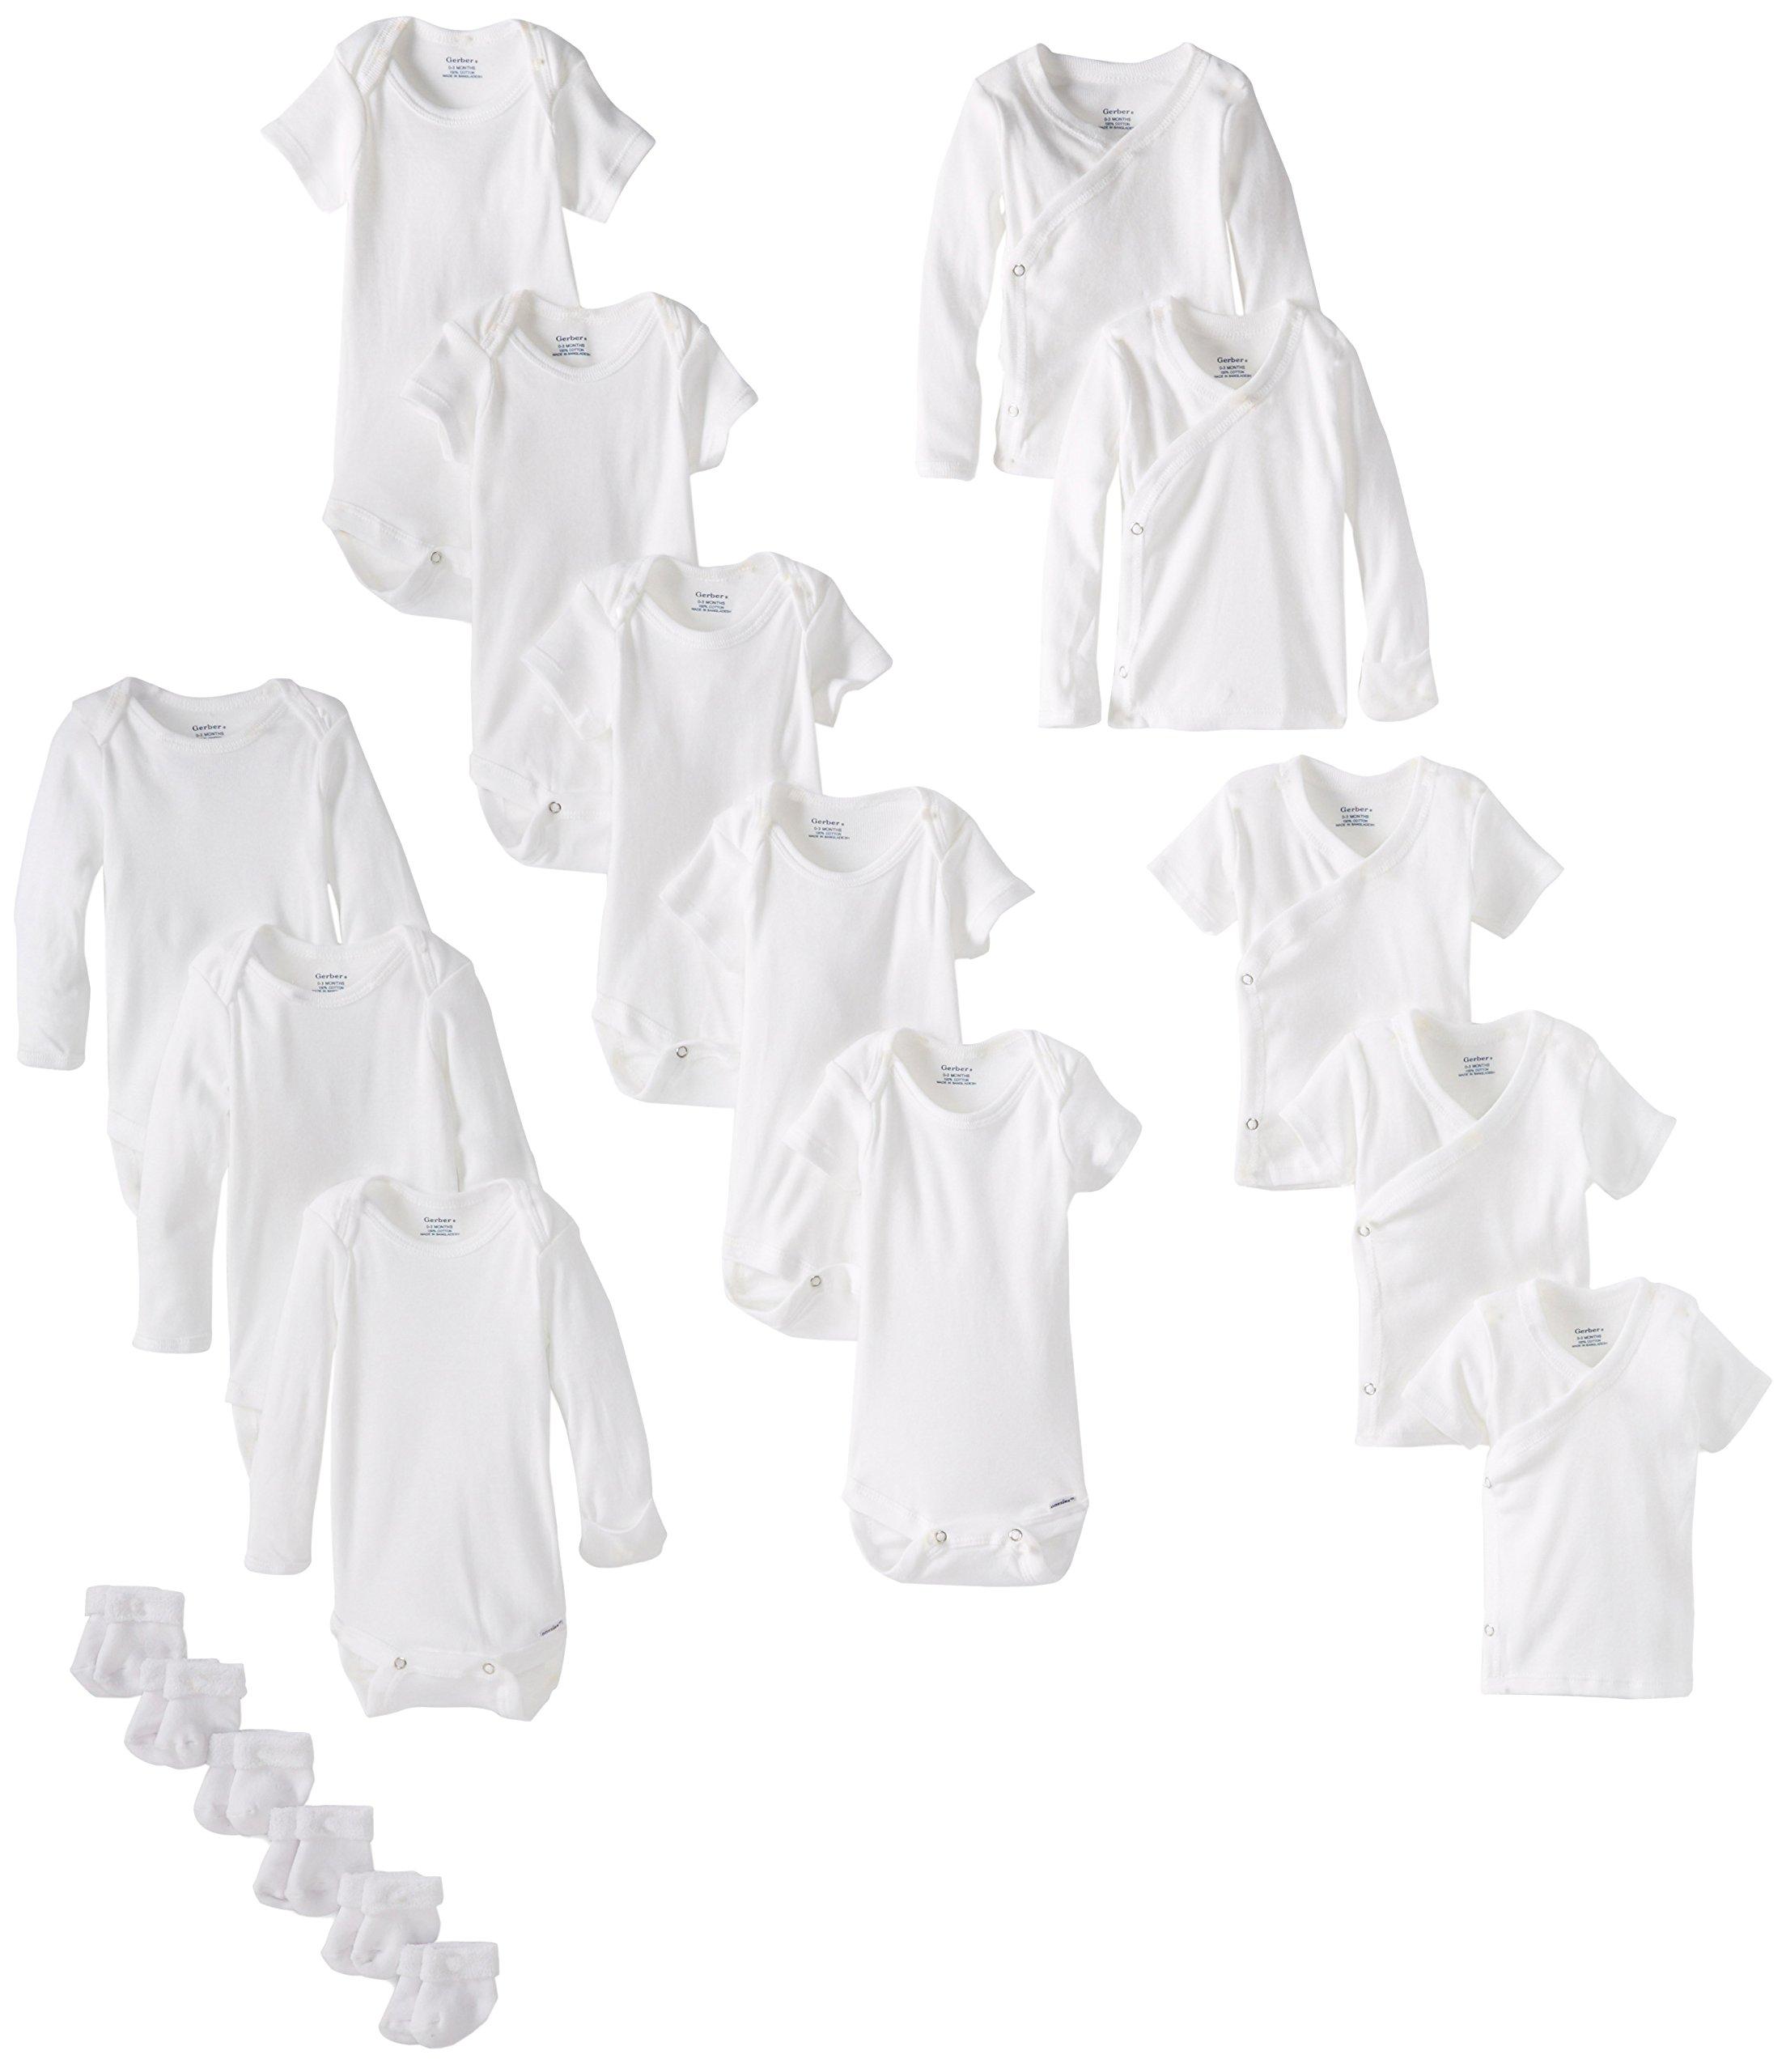 Gerber Baby Unisex' 19 Piece Baby Essentials Gift Set, White, 0-3 months